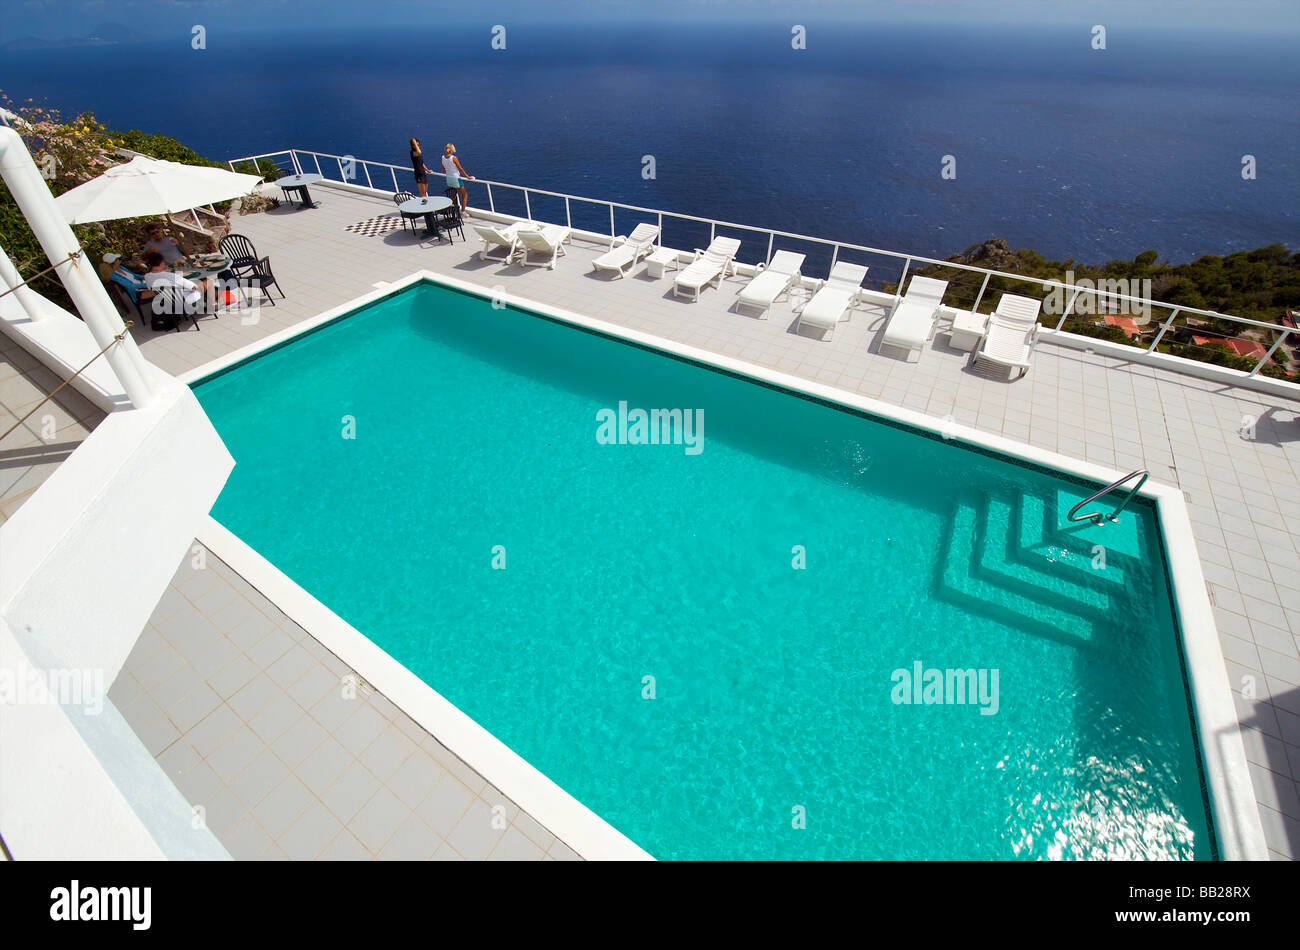 Saba swimmingpool of luxery hotel - Stock Image